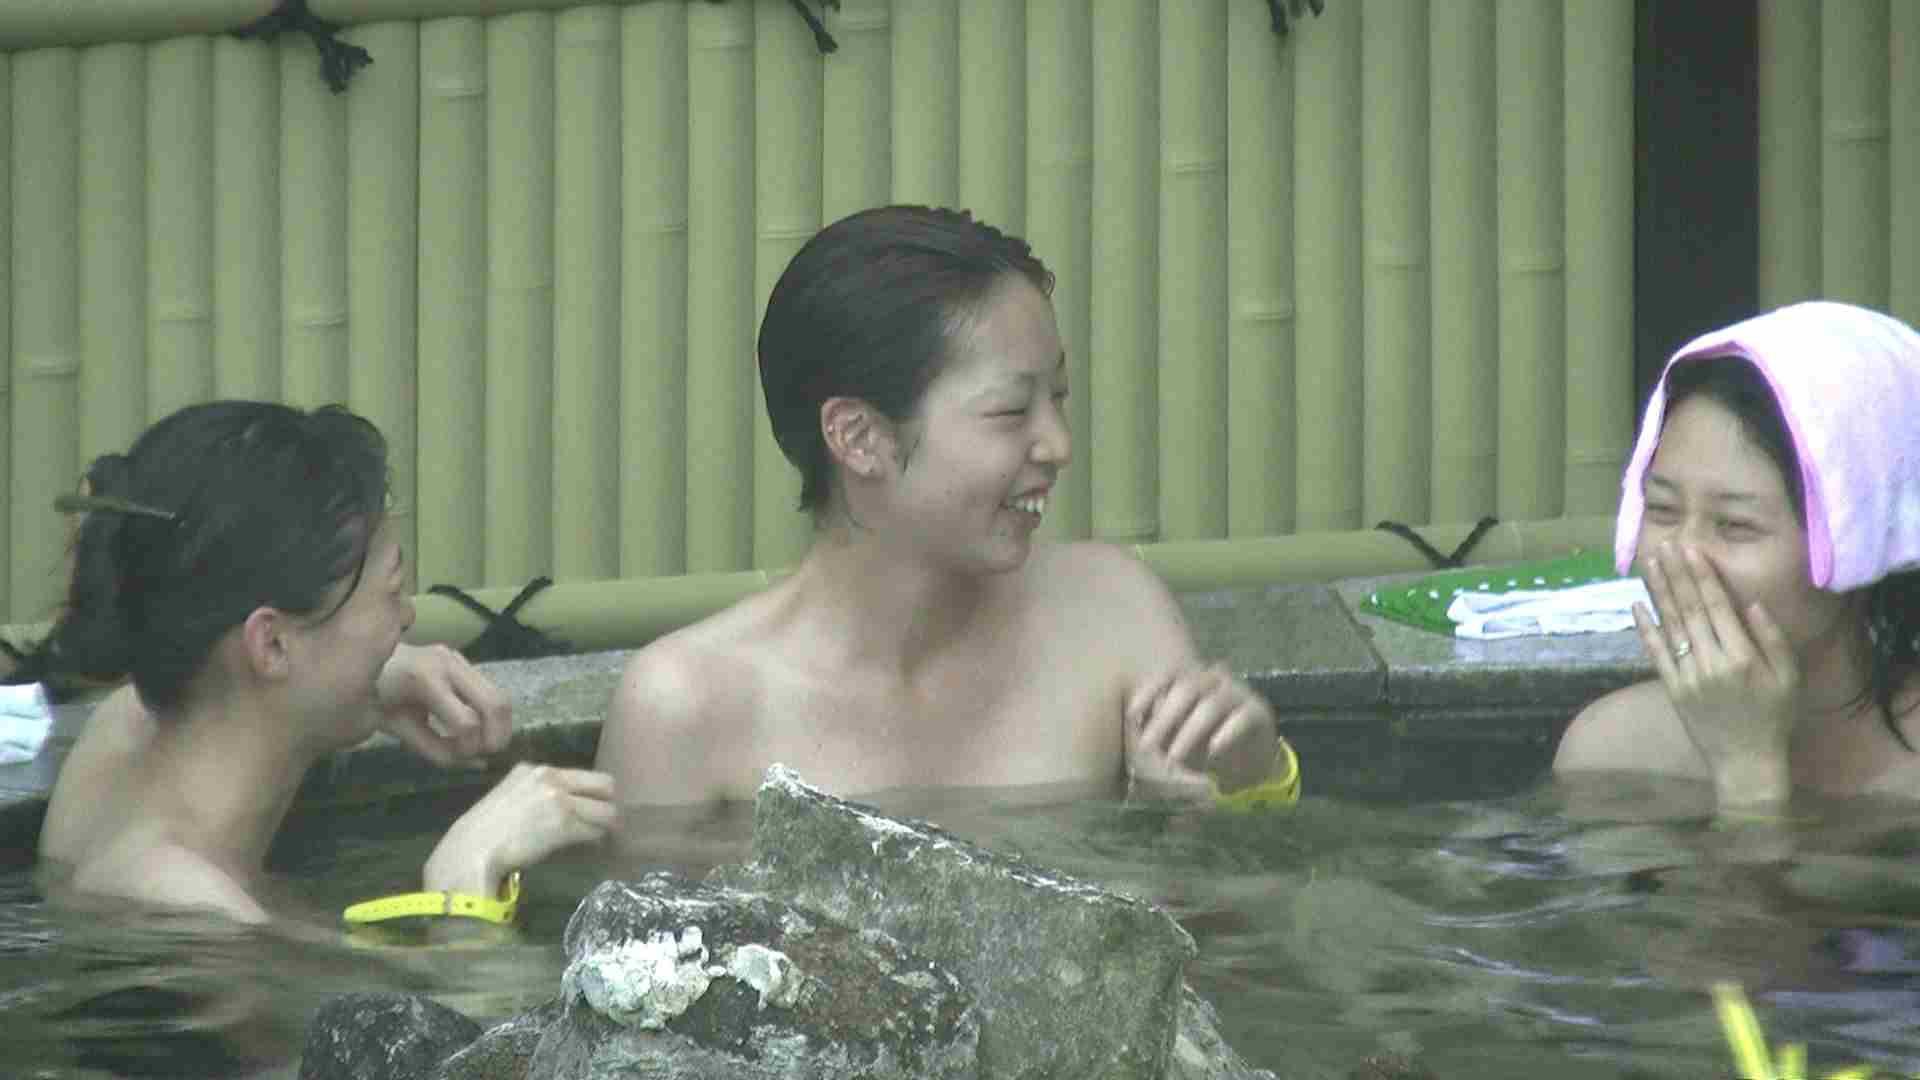 Aquaな露天風呂Vol.195 OL  67pic 49